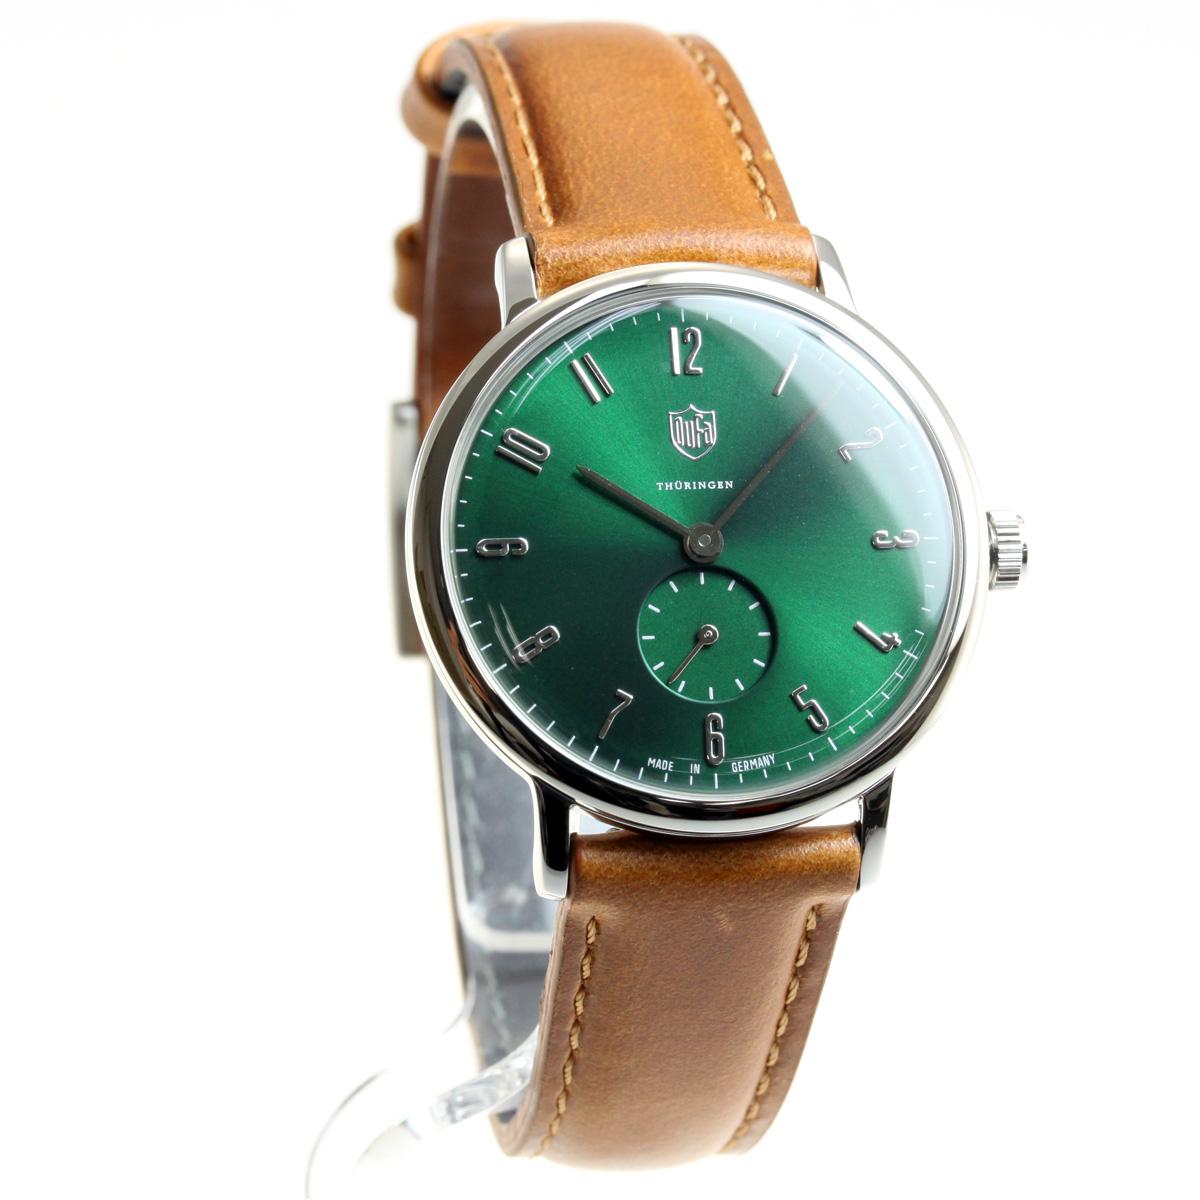 DUFA ドゥッファ 腕時計 レディース グロピウス GROPIUS DF-7001-0M